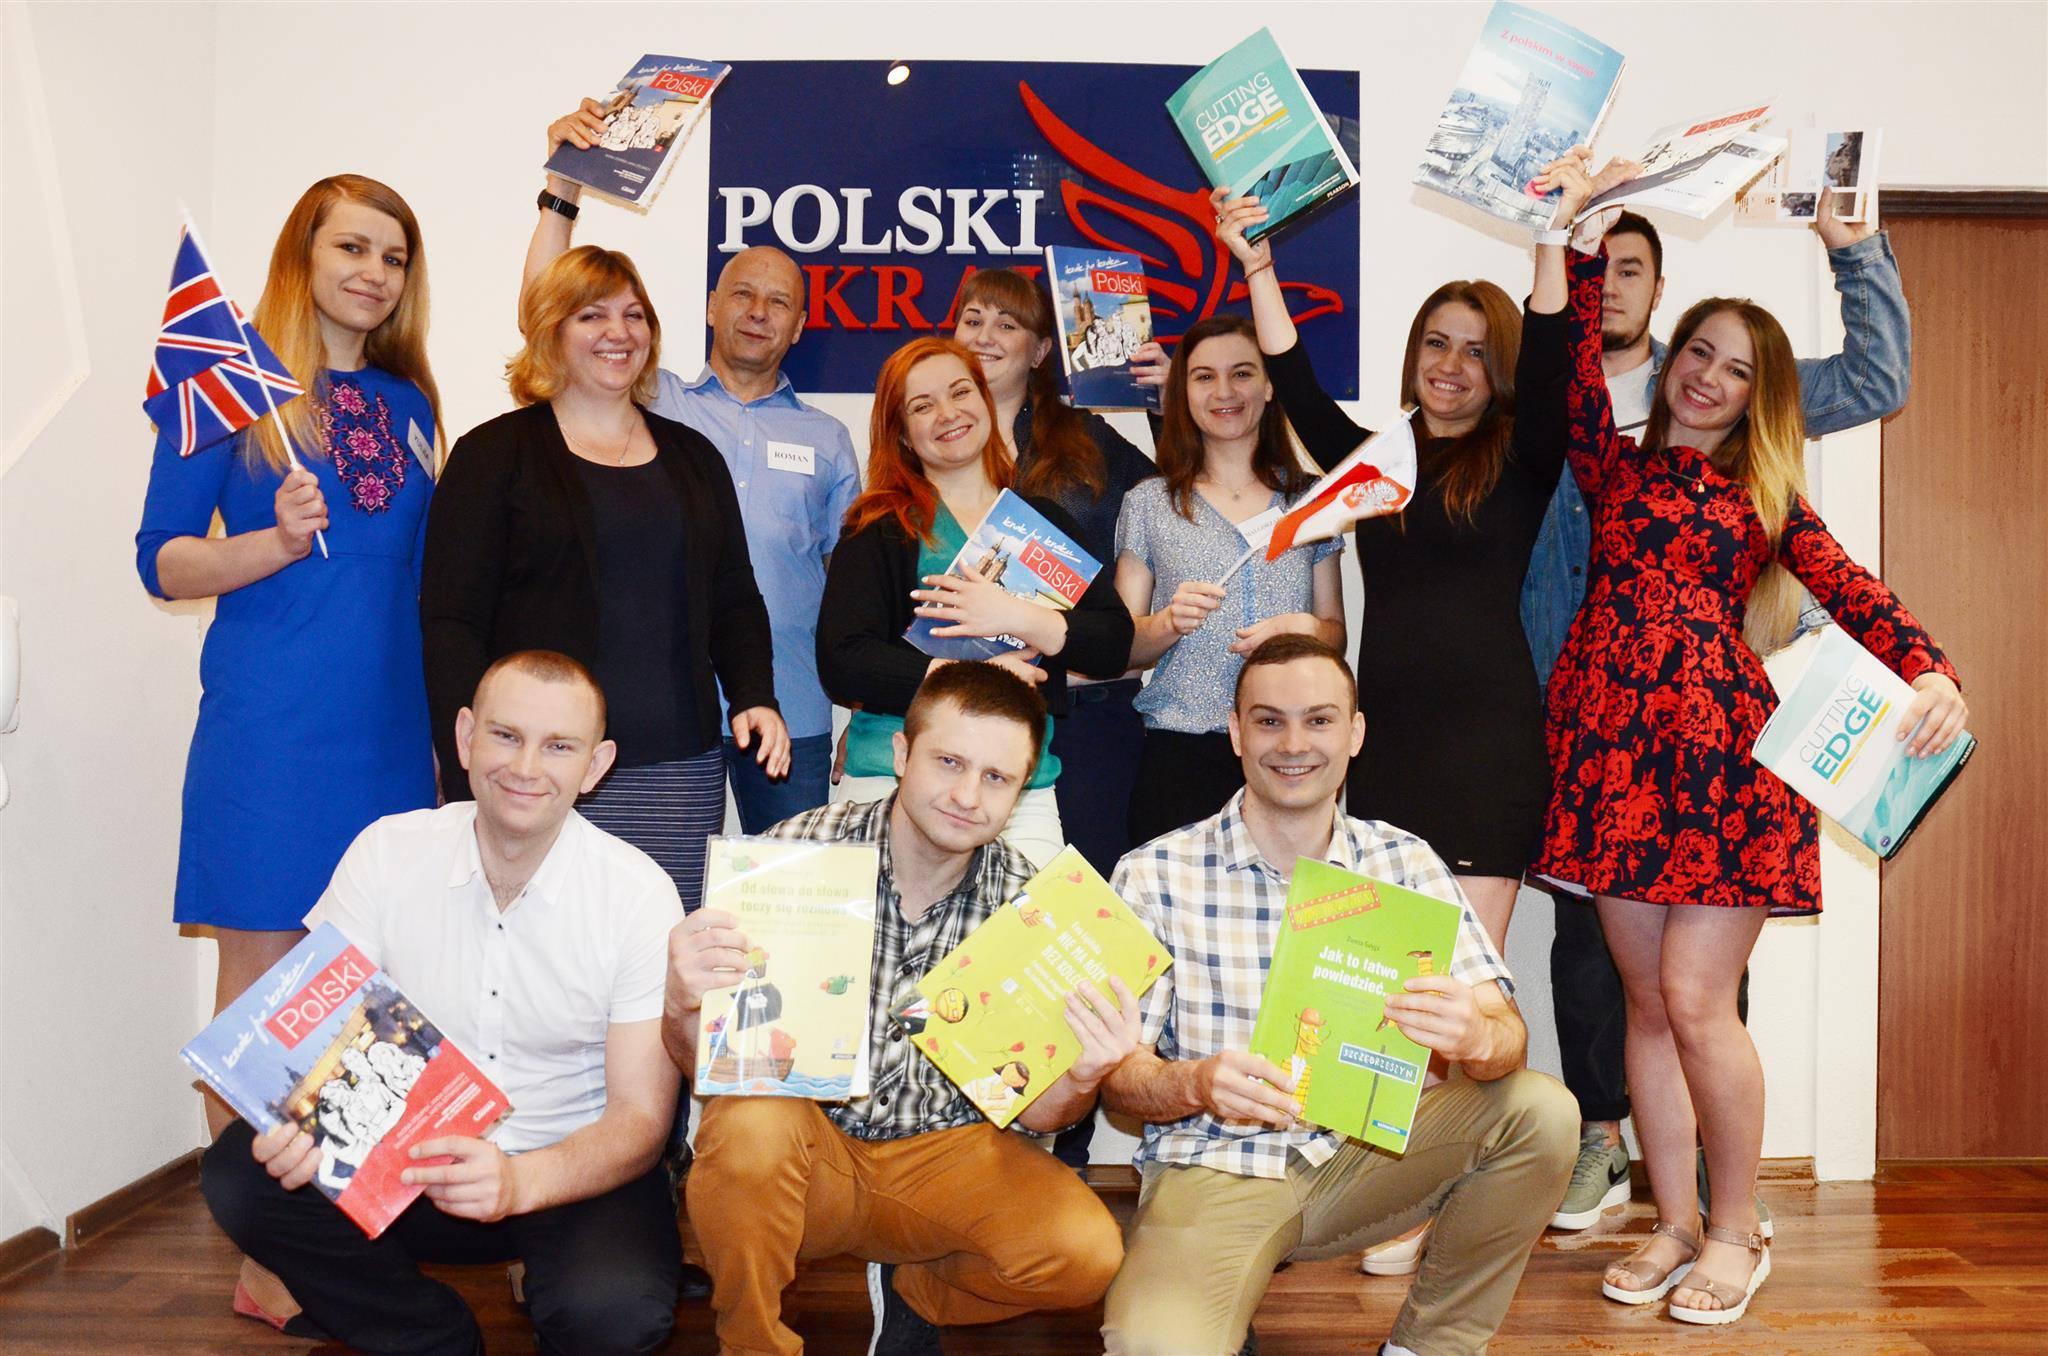 Наши выпускники гордятся высокими результатами в сертификатах. Хочешь также? Школа Polskikraj ждёт тебя!